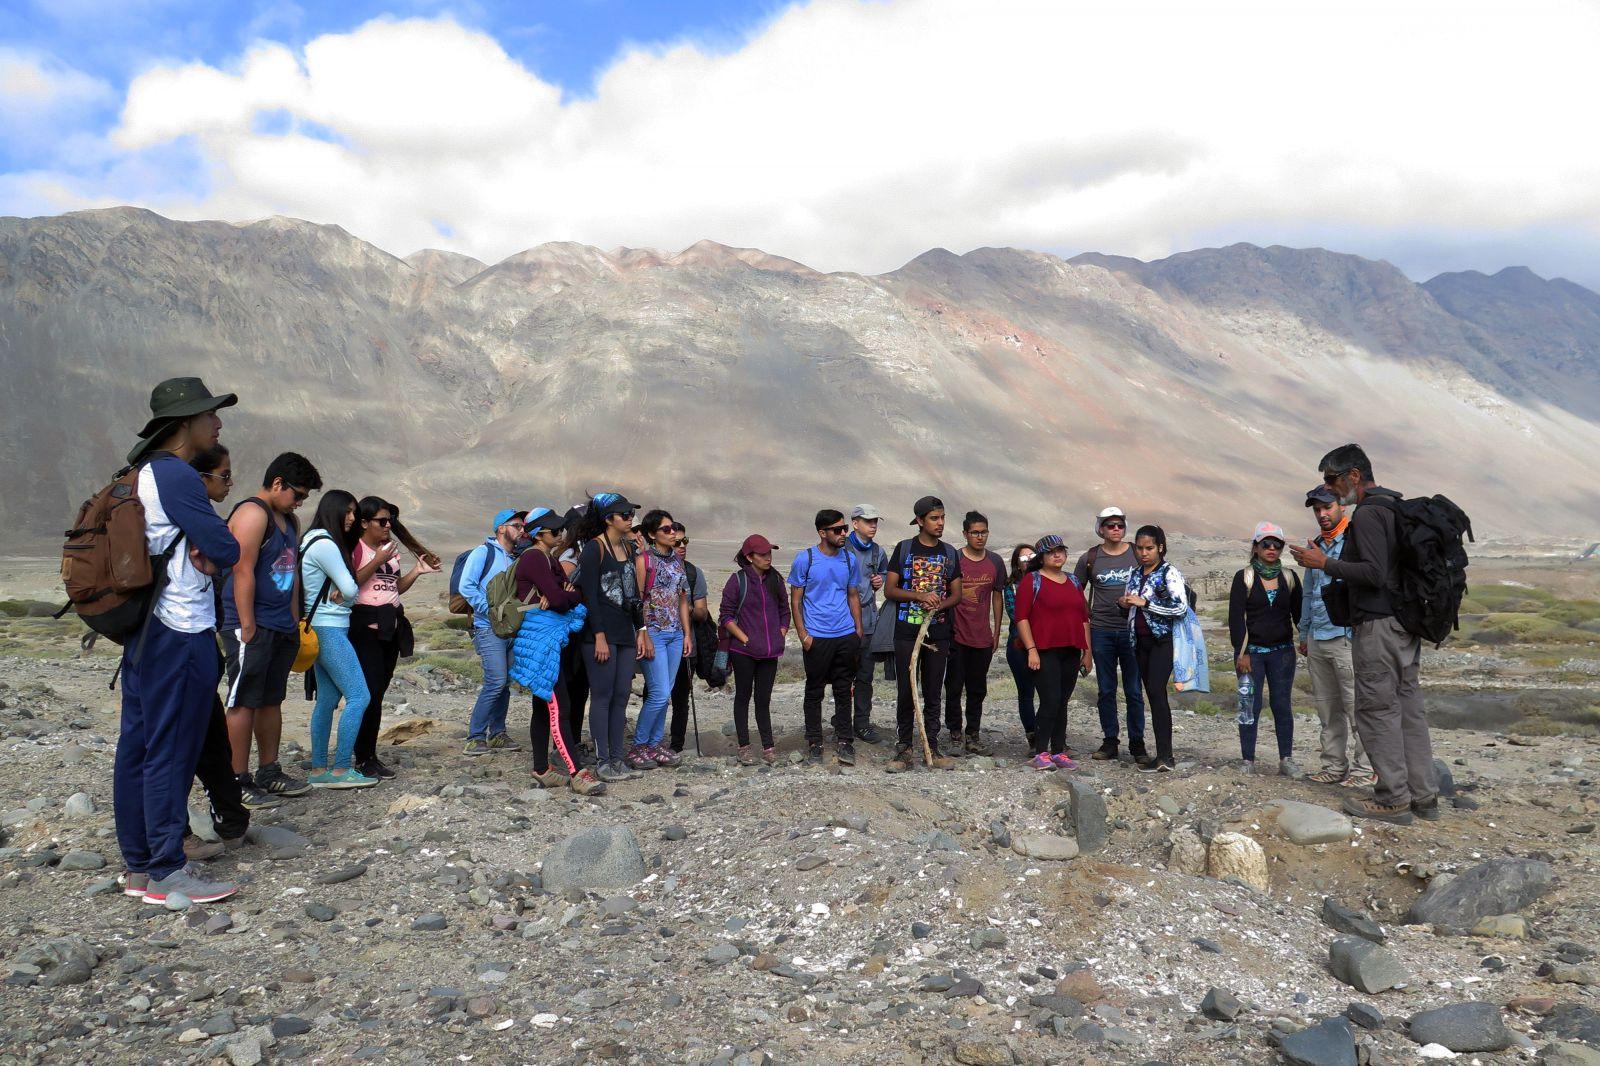 jovenes-visitaron-desembocadura-del-rio-loa-en-jornada-de-educacion-ambiental